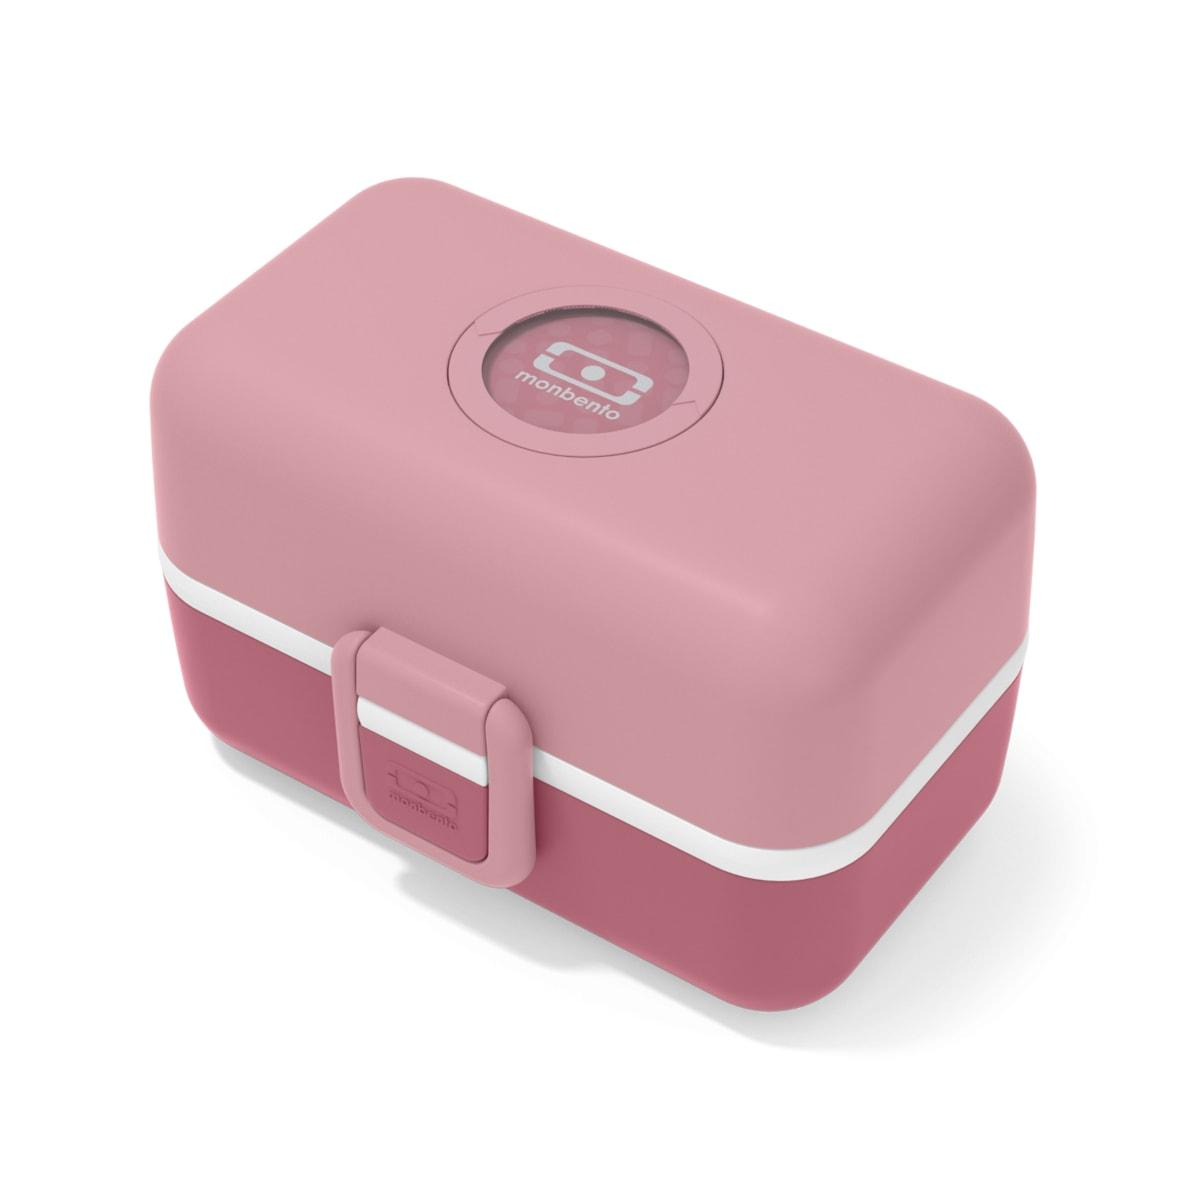 Bento pour enfant rose blush 0,8L